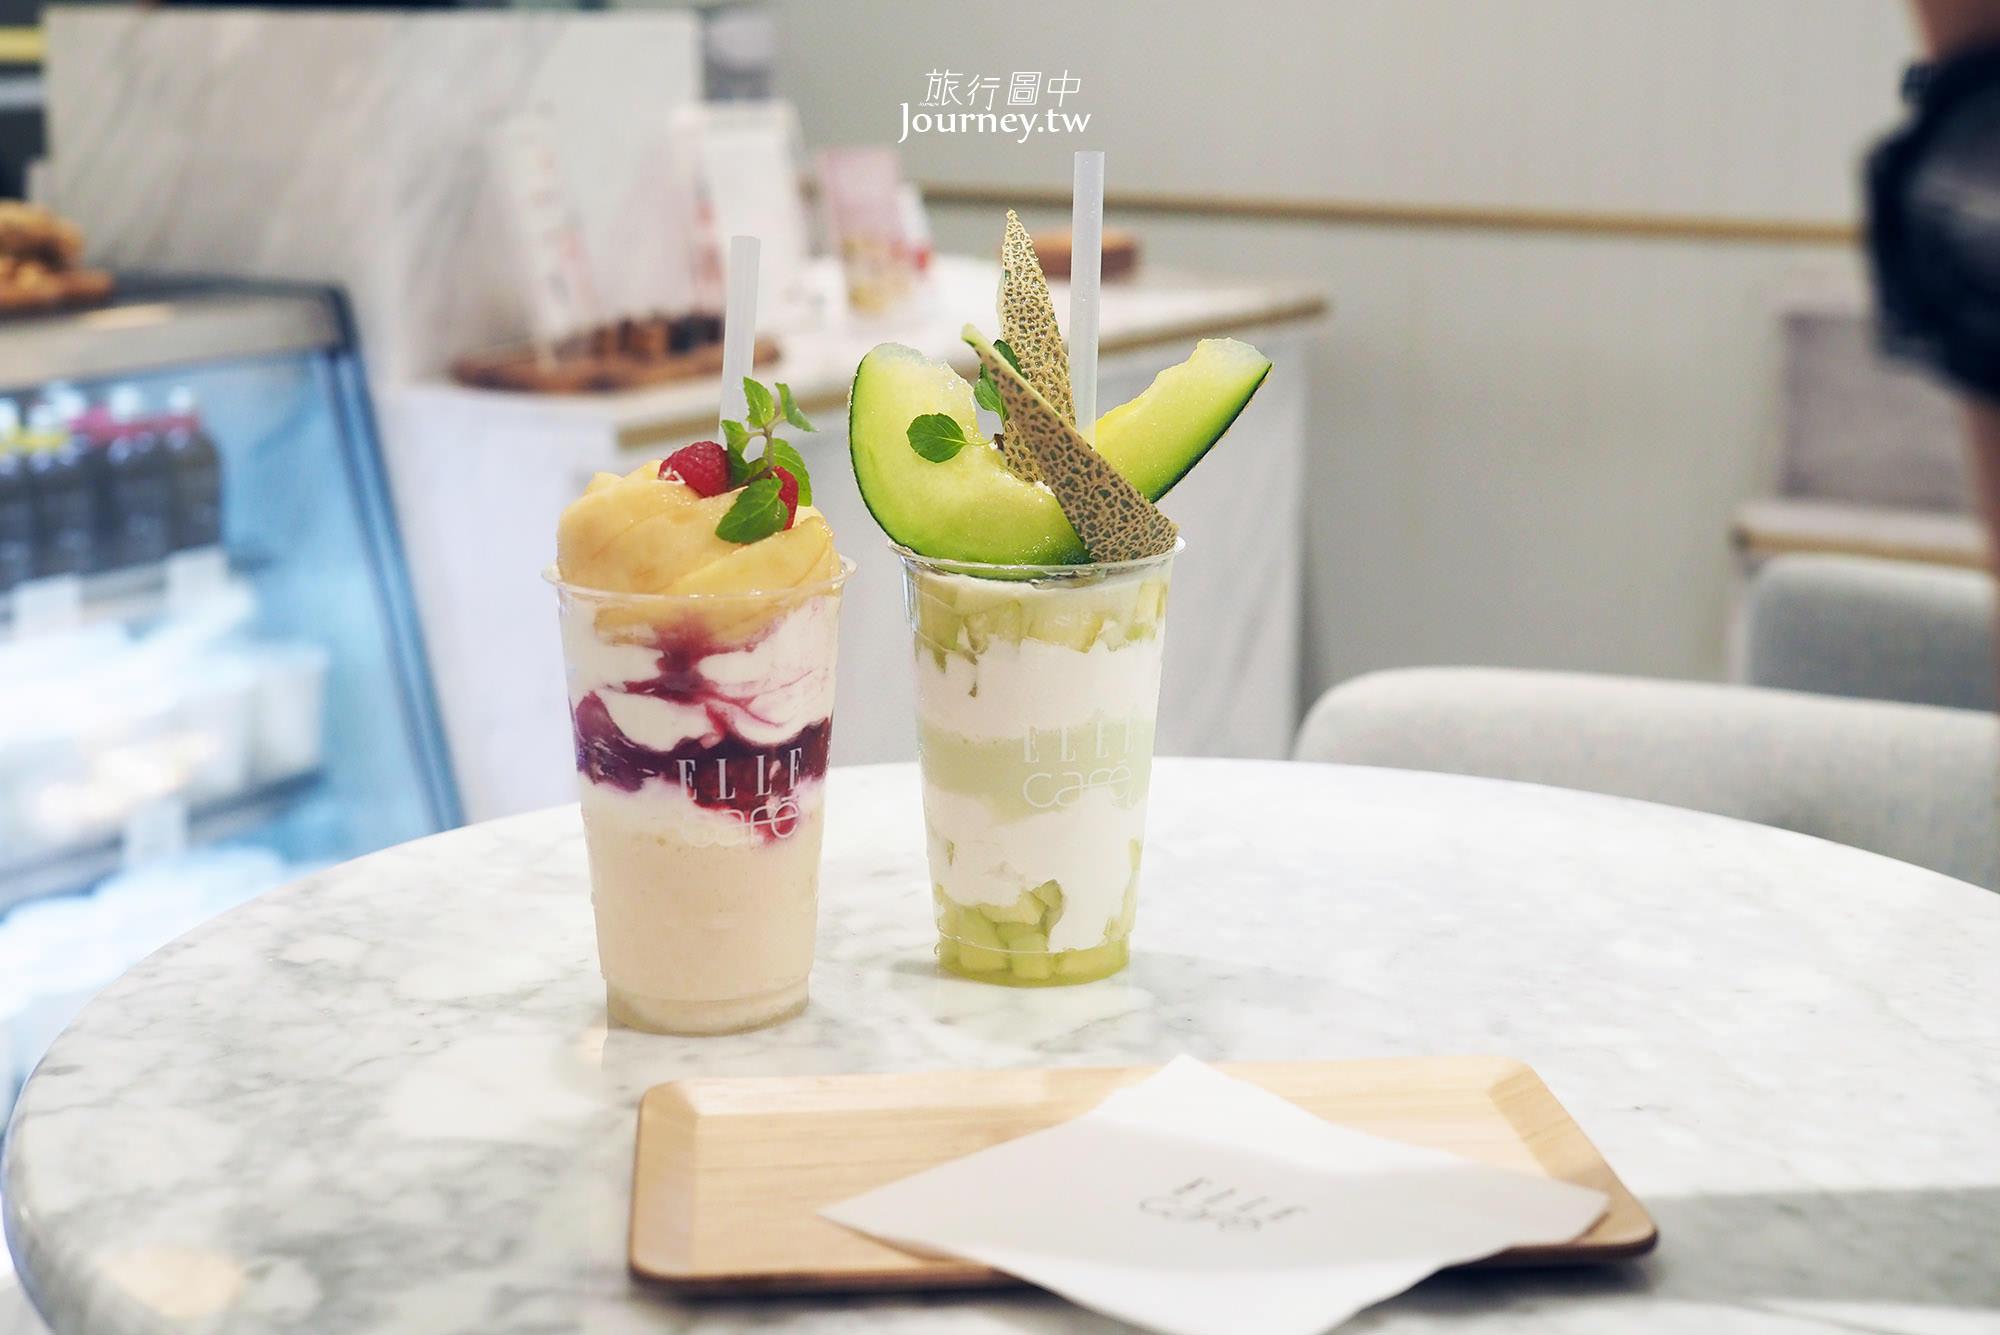 ELLE café,東京下午茶,東京美食,東京冰淇淋,東京貴婦行程,東京好吃推薦